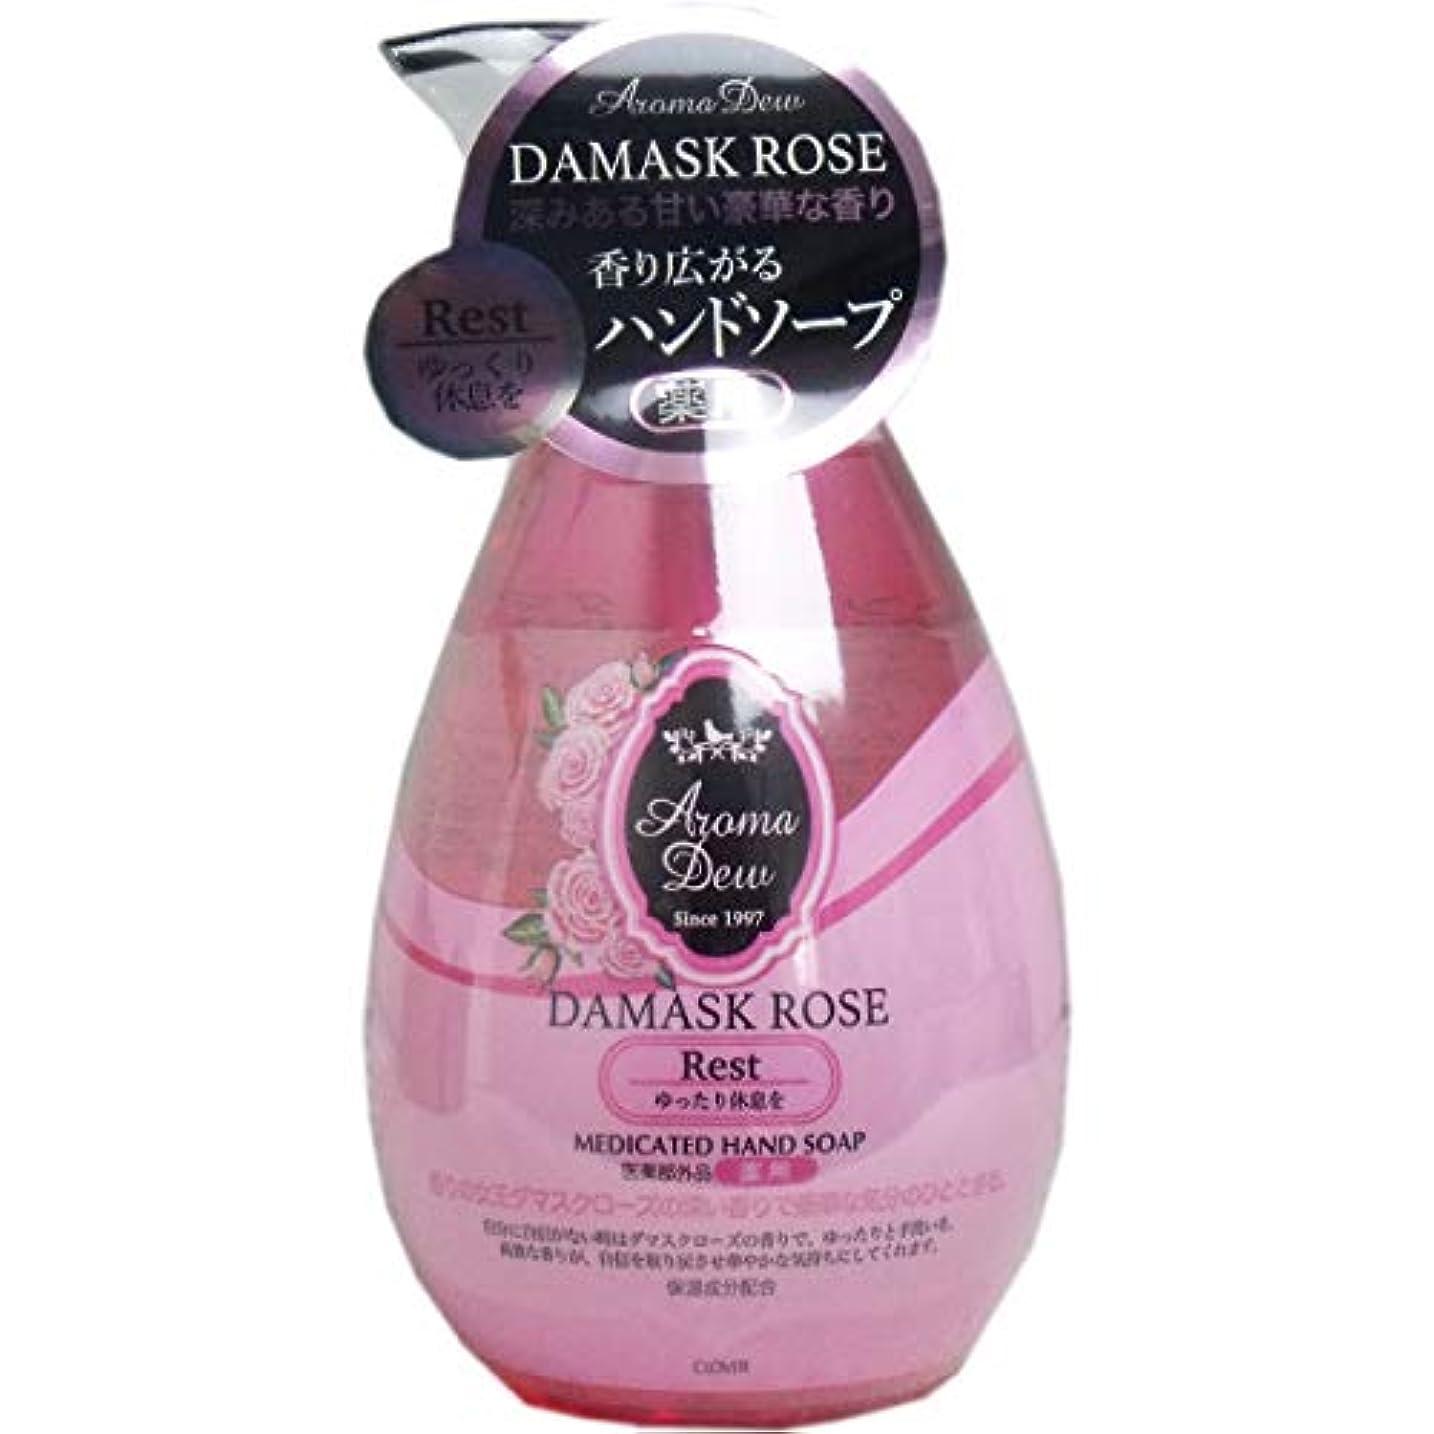 化粧安全性用心深い薬用アロマデュウ ハンドソープ ダマスクローズの香り 260mL×2個セット